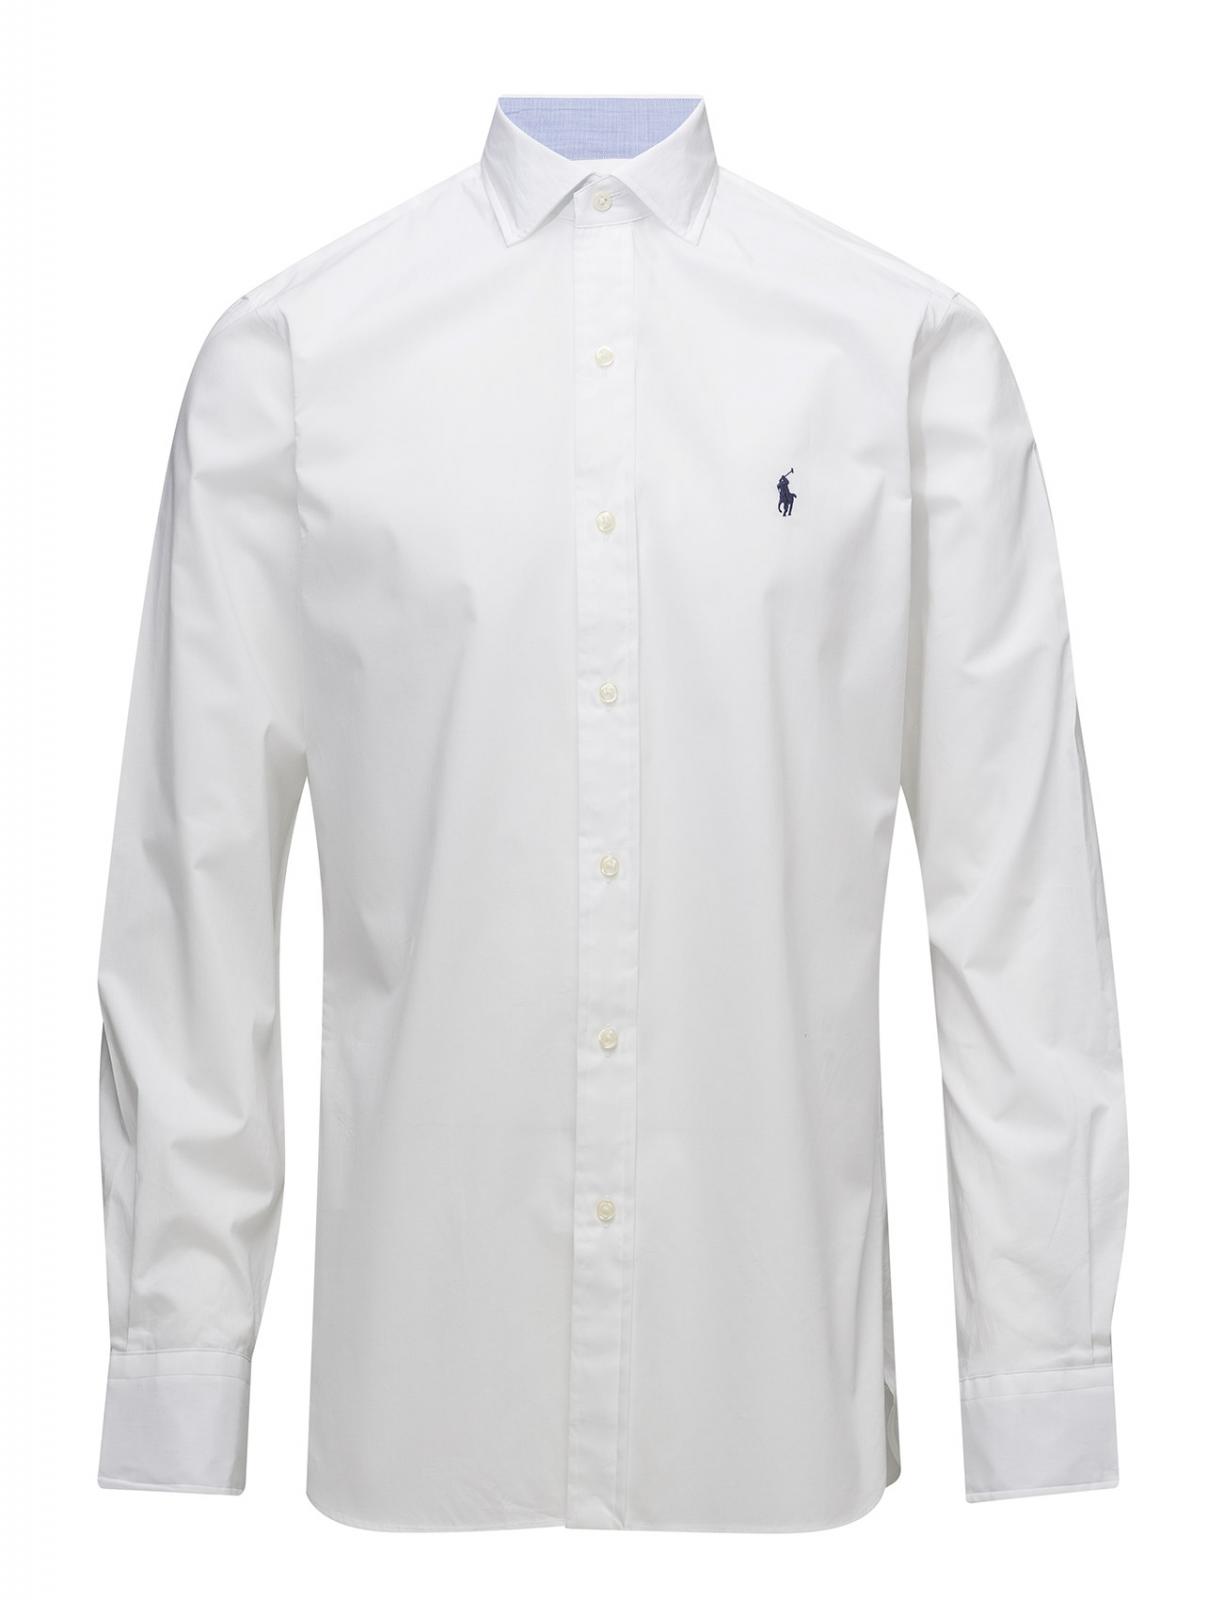 RALPH LAUREN Chemise blanche - 7106684875005 , Chemises pour Homme bb93fd18e3d0